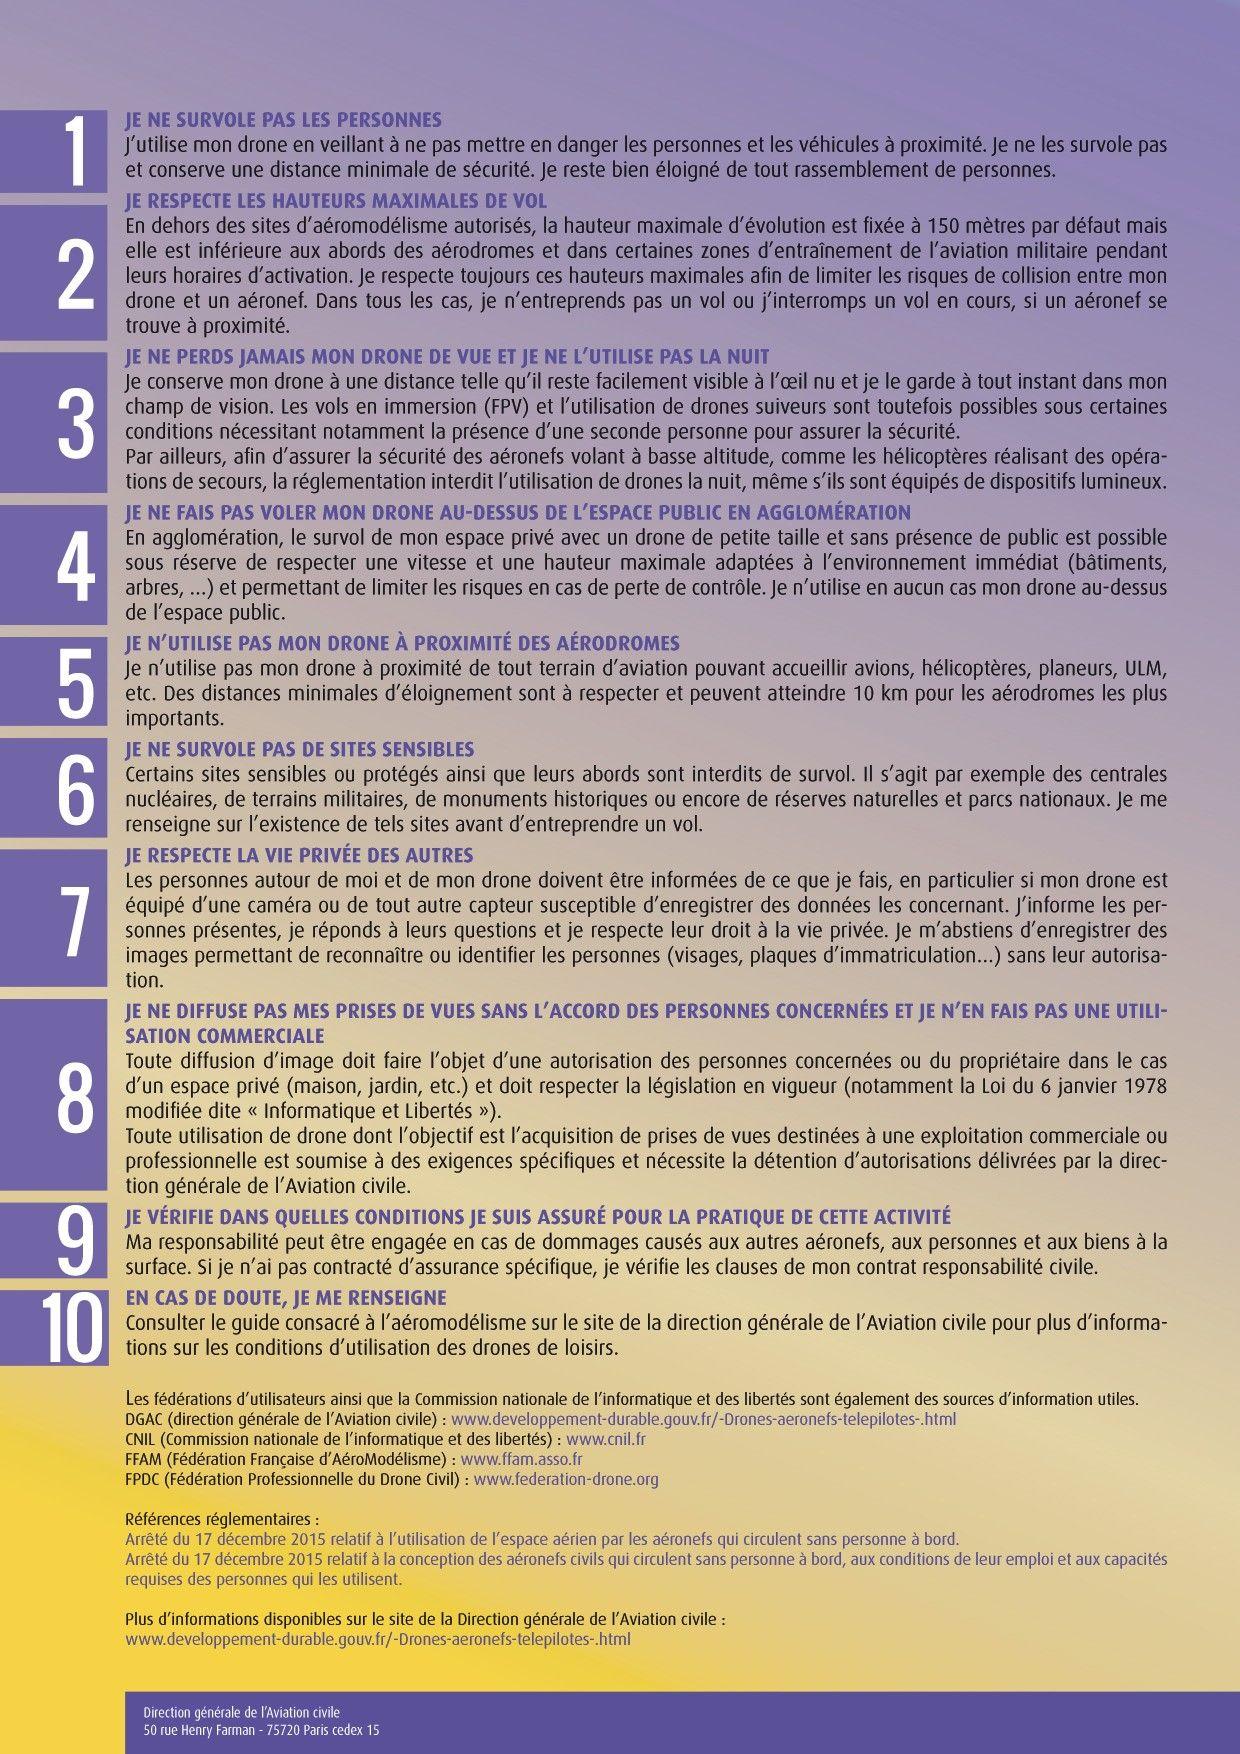 règles DGAC